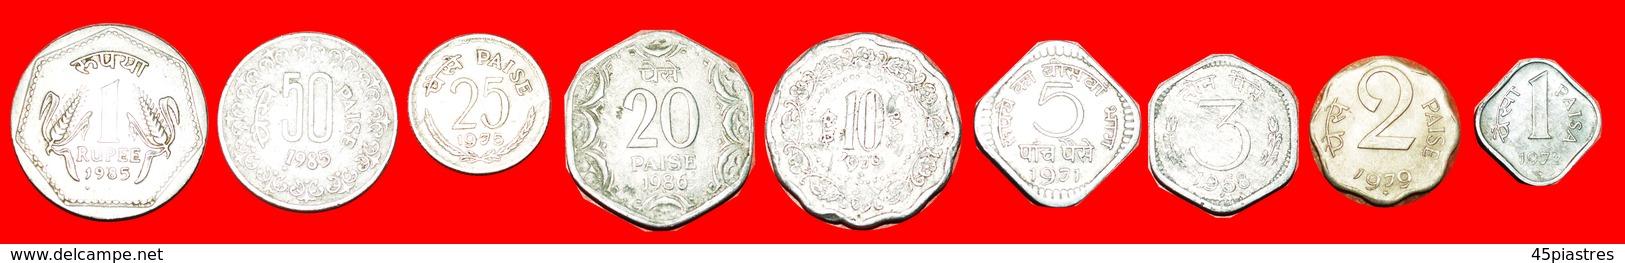 + SET 9 COINS: INDIA ★ 1-2-3-5-10-20-25-50 PAISE  - 1 RUPEE TYPE 1964-1991! LOW START ★ NO RESERVE! - Munten & Bankbiljetten